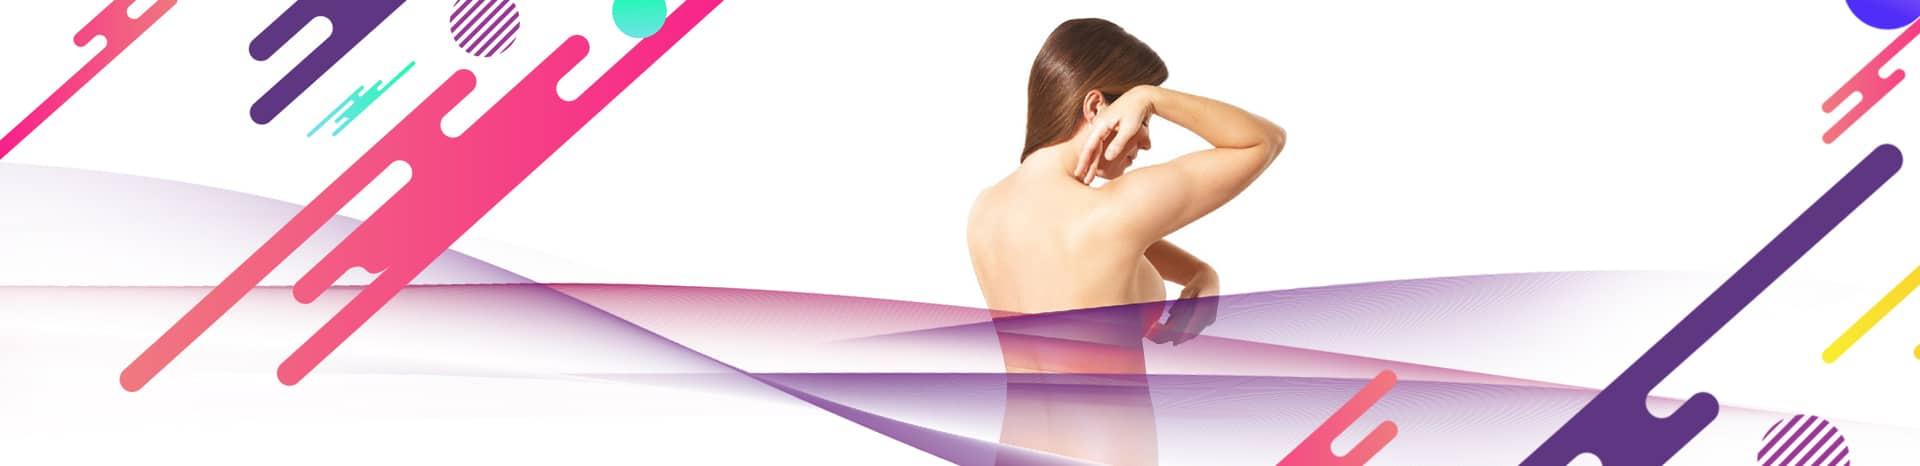 Prima Dinamik 12.12 Sale - Bremed Breast Scan